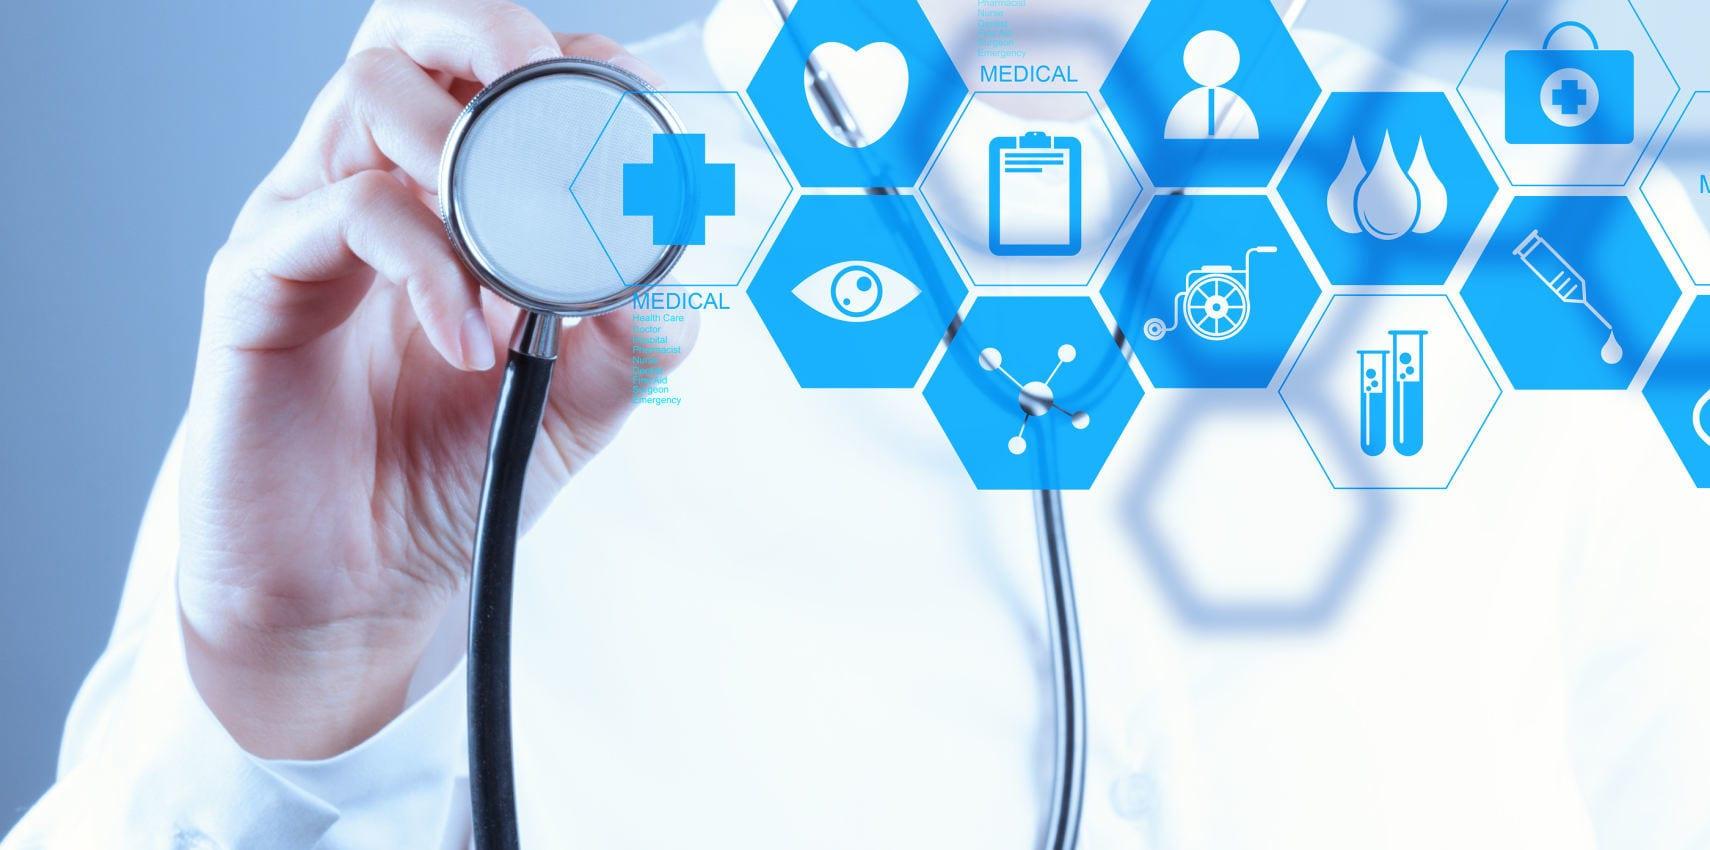 تعريف الطب لغة واصطلاحاً